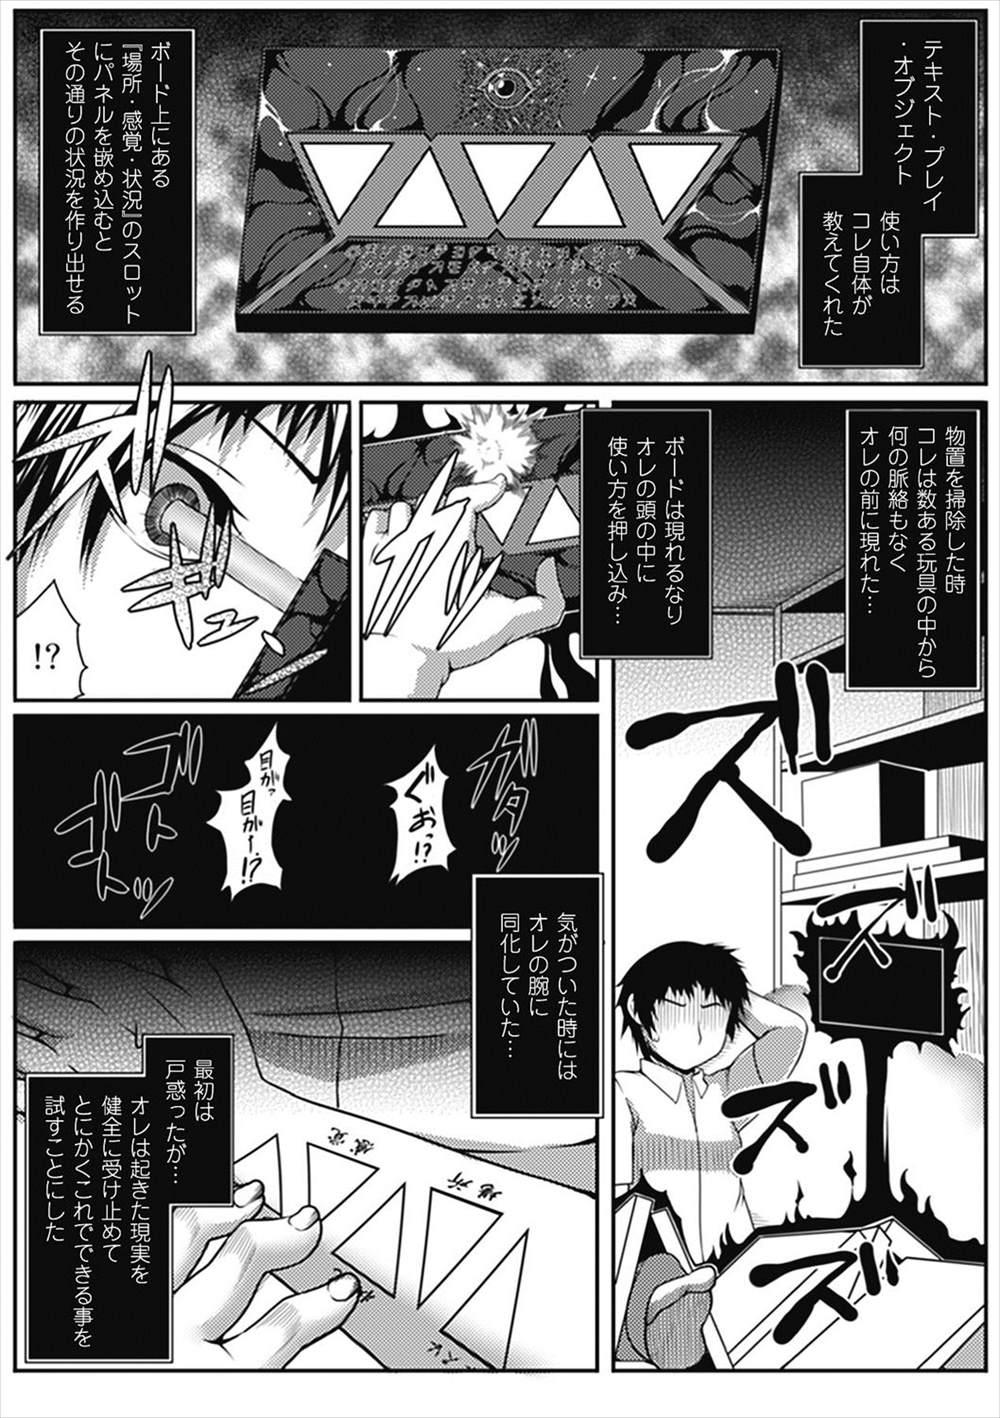 【エロ漫画】幼なじみJKの感度を倍増…襲いかかってトイレで生挿入中出しした結果ww【宇行日和:Text Play Object】